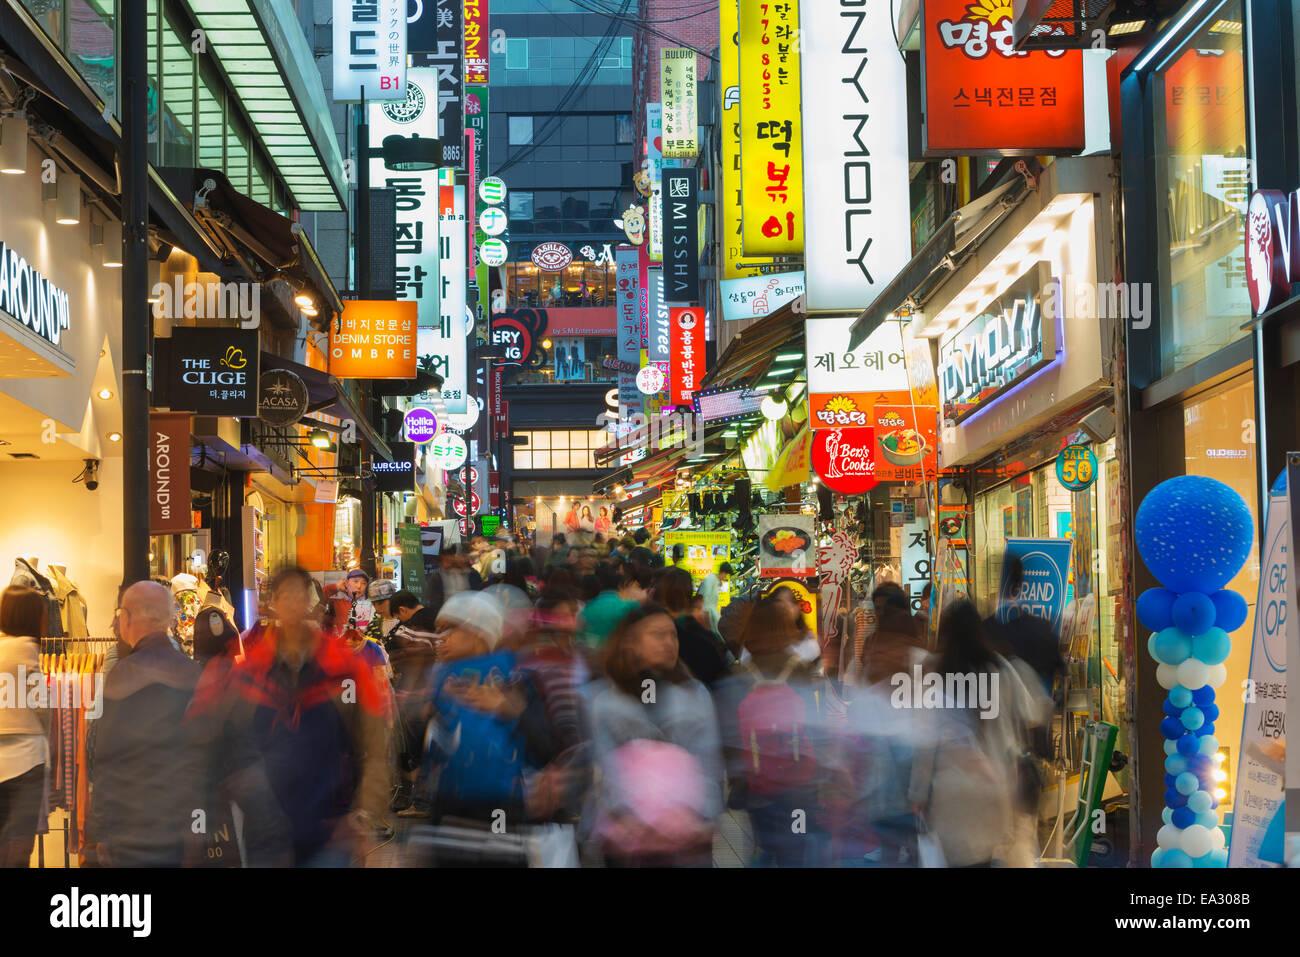 Neon éclairage des rues de Myeong-dong, Séoul, Corée du Sud, Asie Banque D'Images